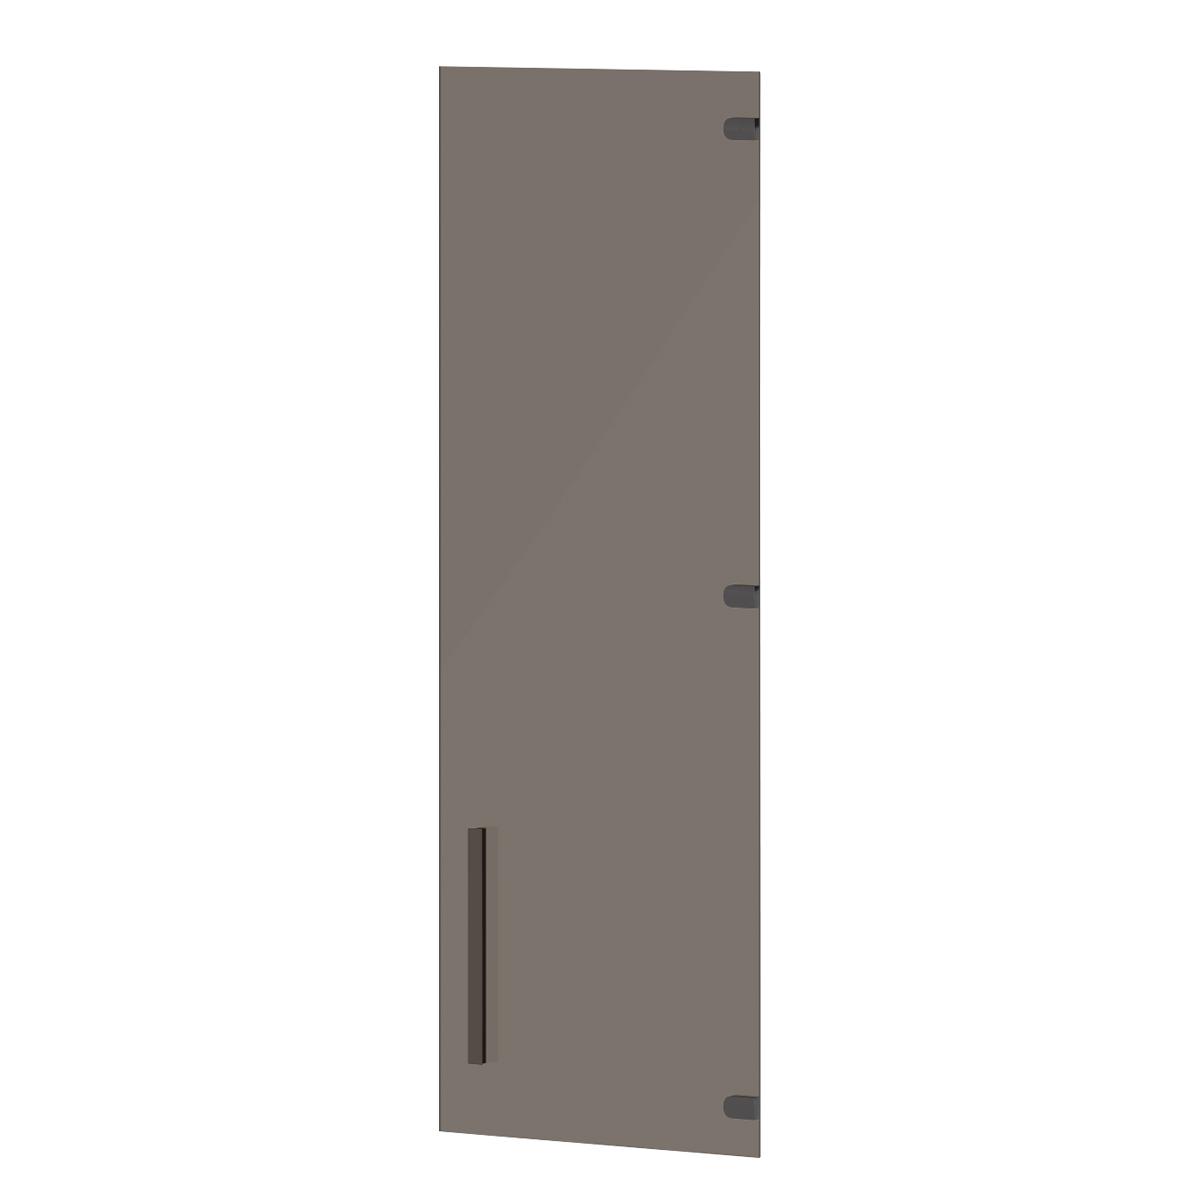 Дверь стеклянная T-024л/пр